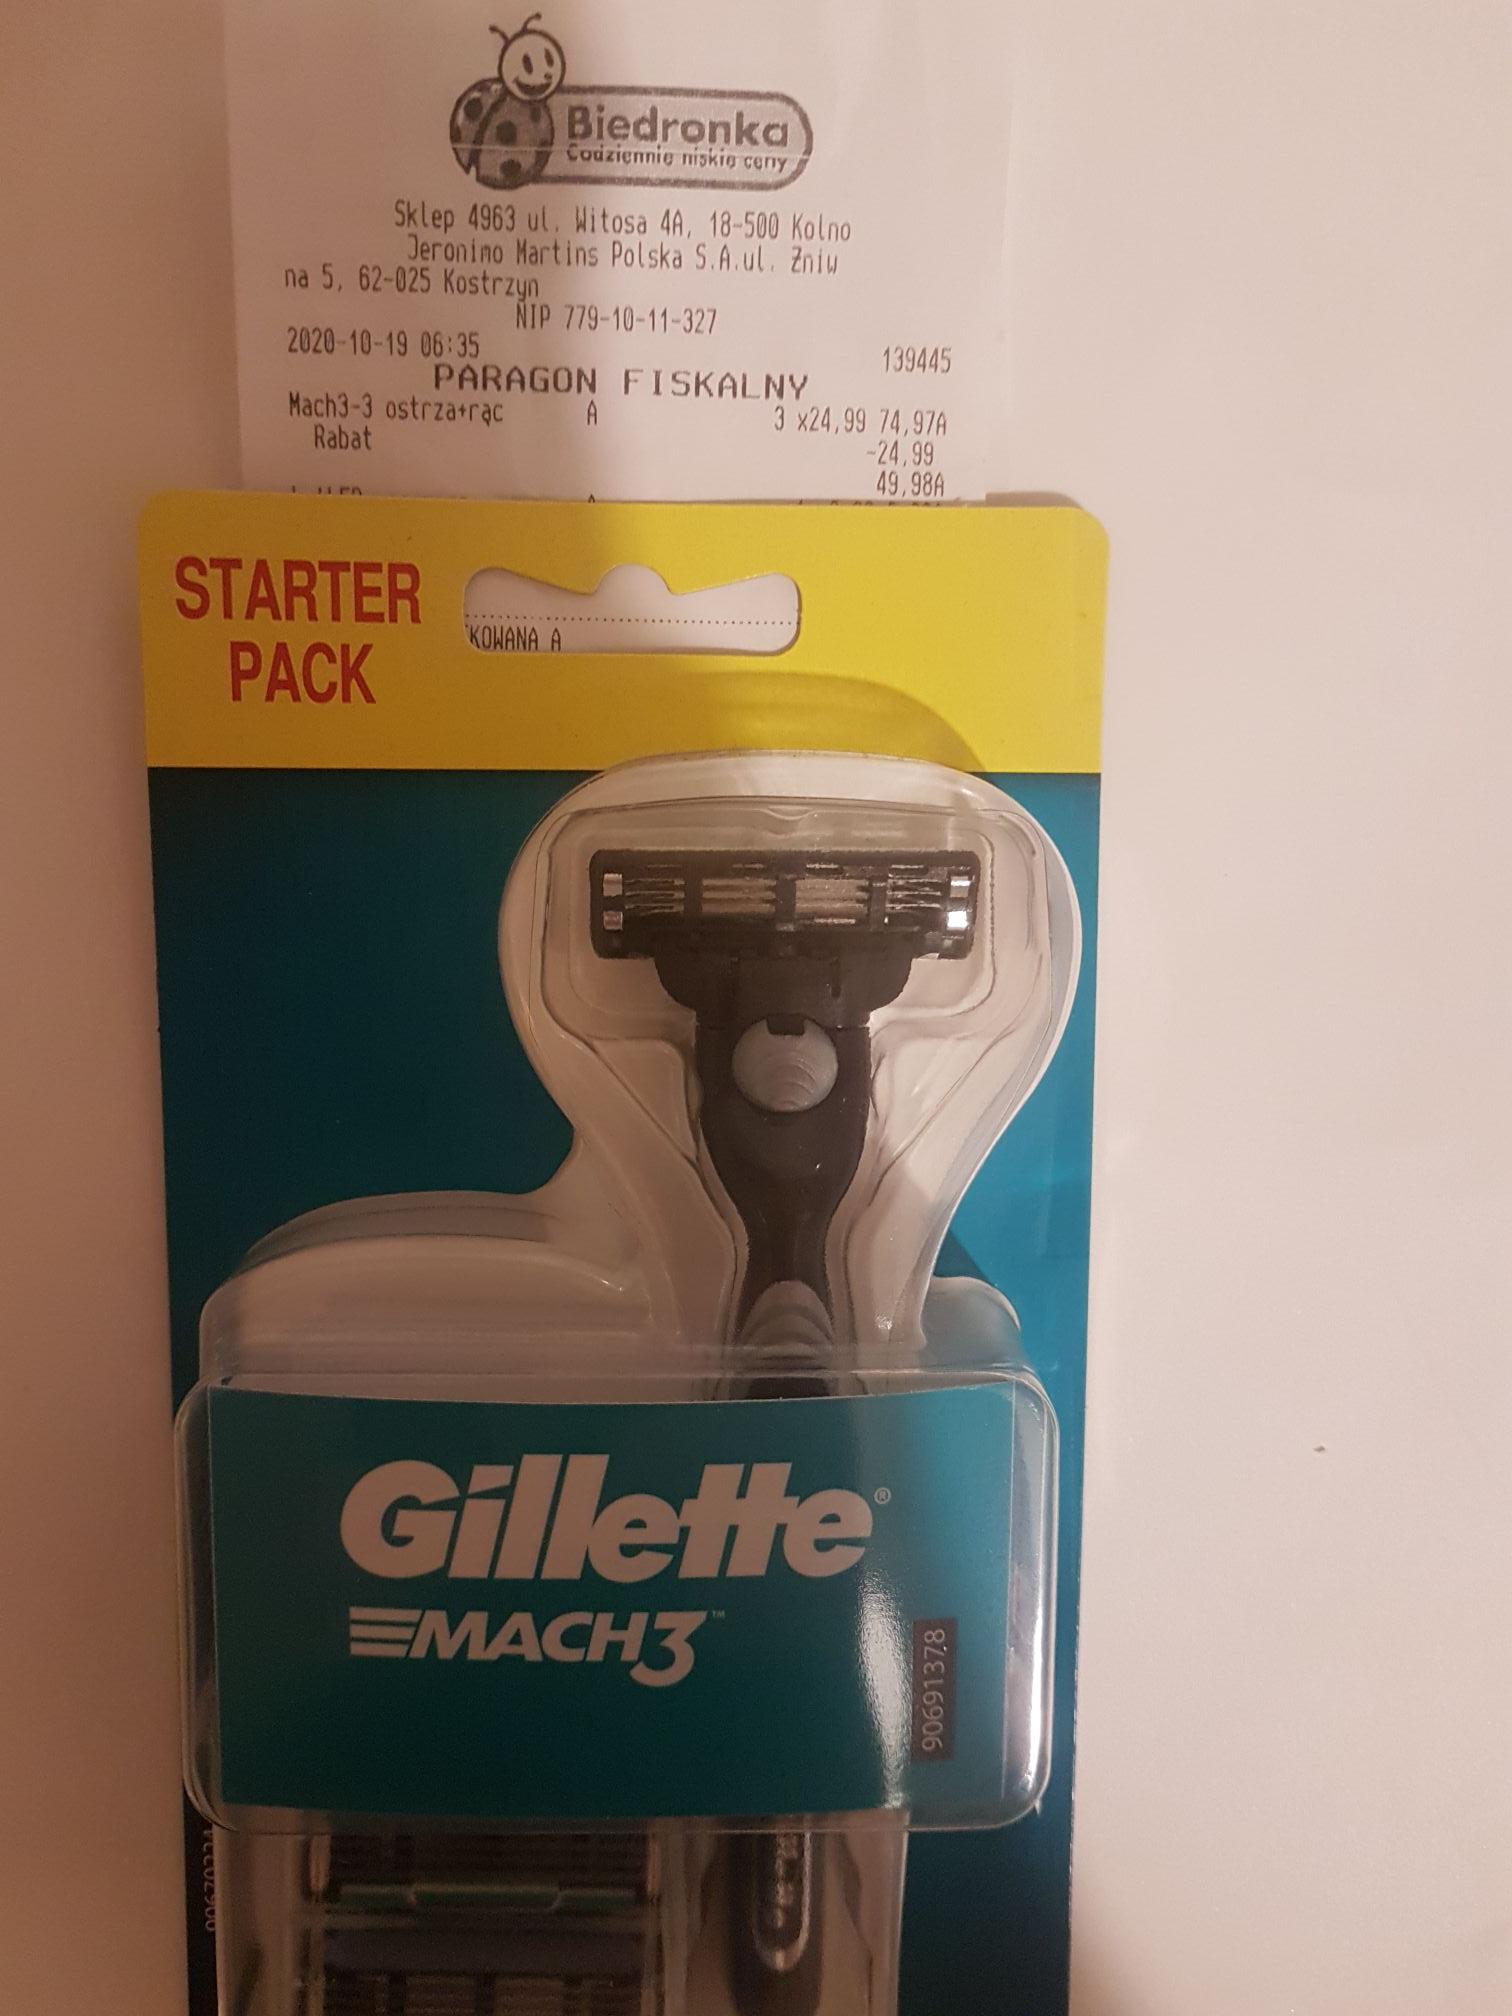 Gillette Mach 3 w świetnej cenie - 5,55 zł za nożyk